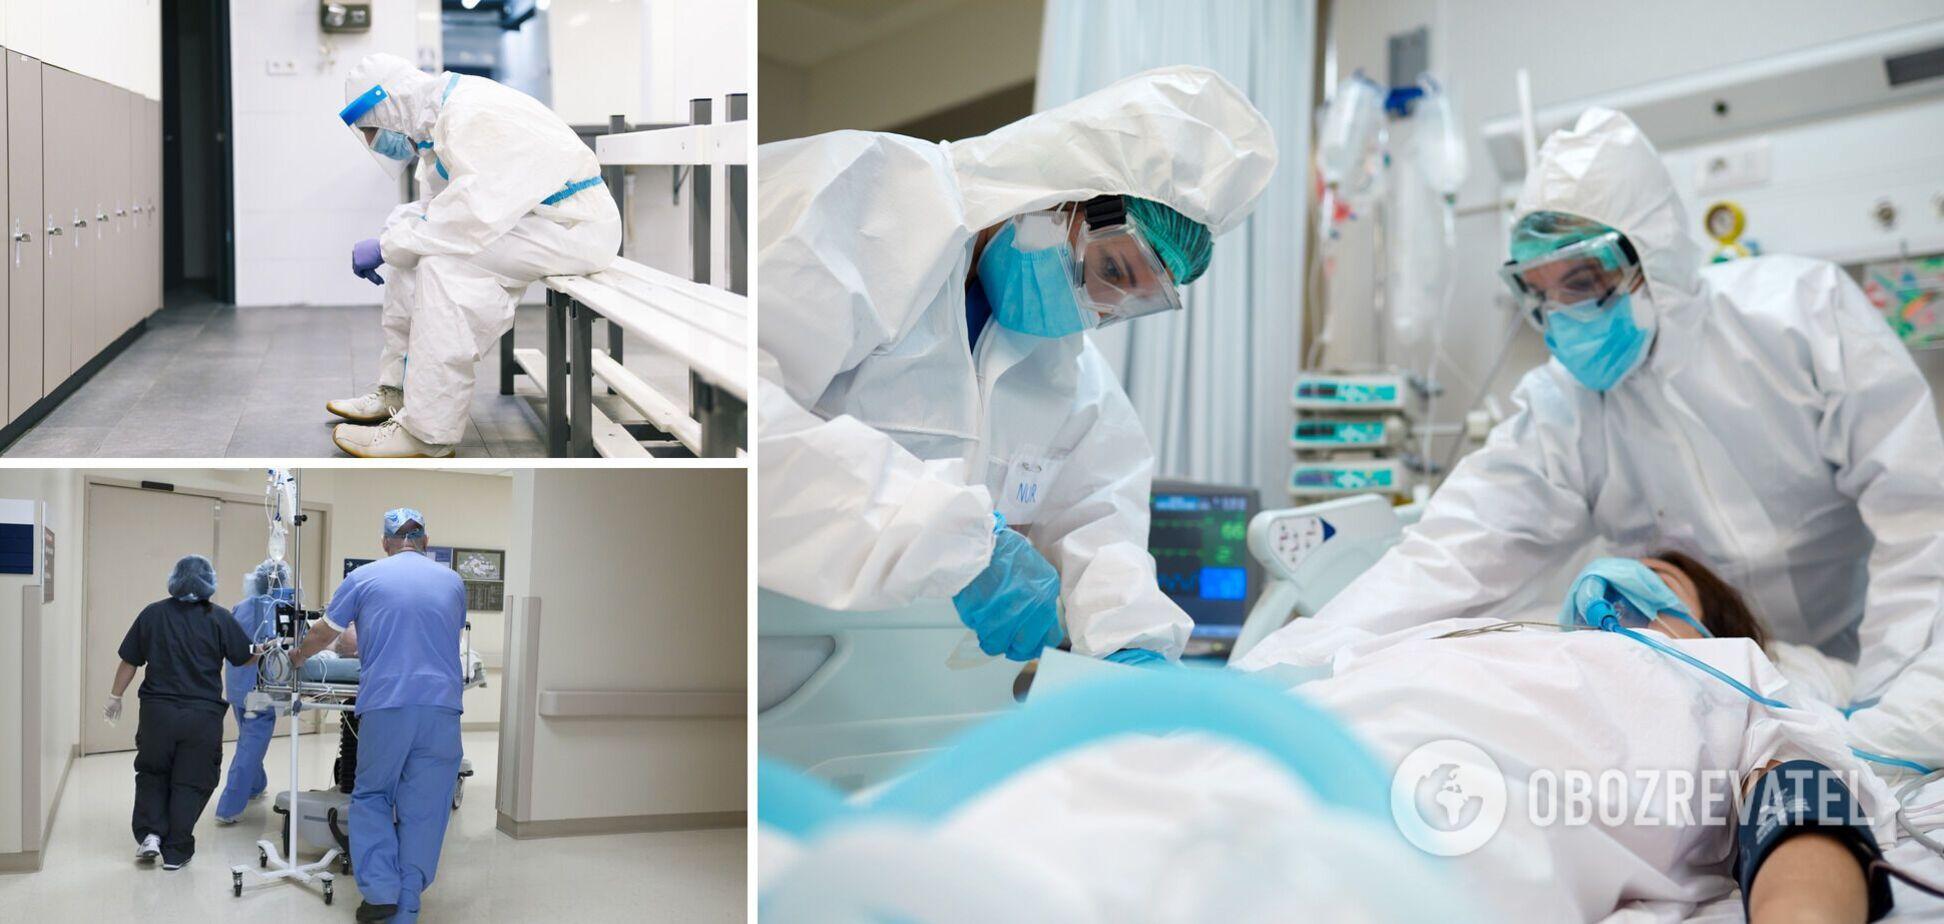 Вакцинация против коронавируса защищает от смерти